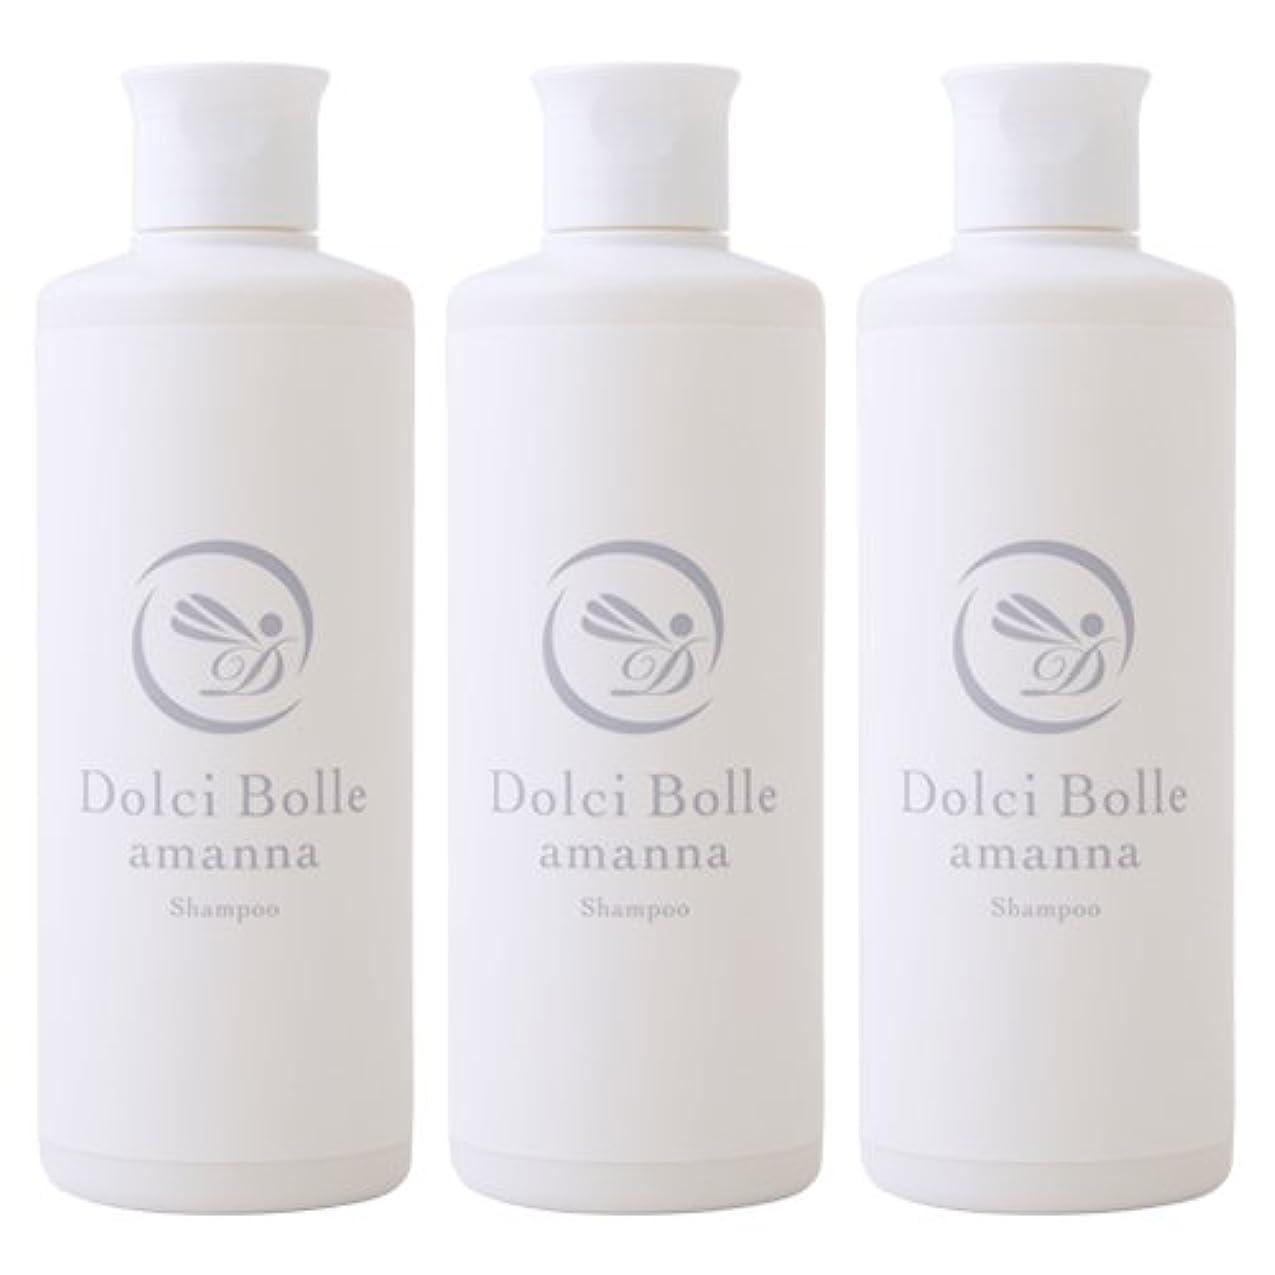 欲望コーヒー不名誉なDolci Bolle(ドルチボーレ) amanna(アマンナ) シャンプー 300ml 3本セット